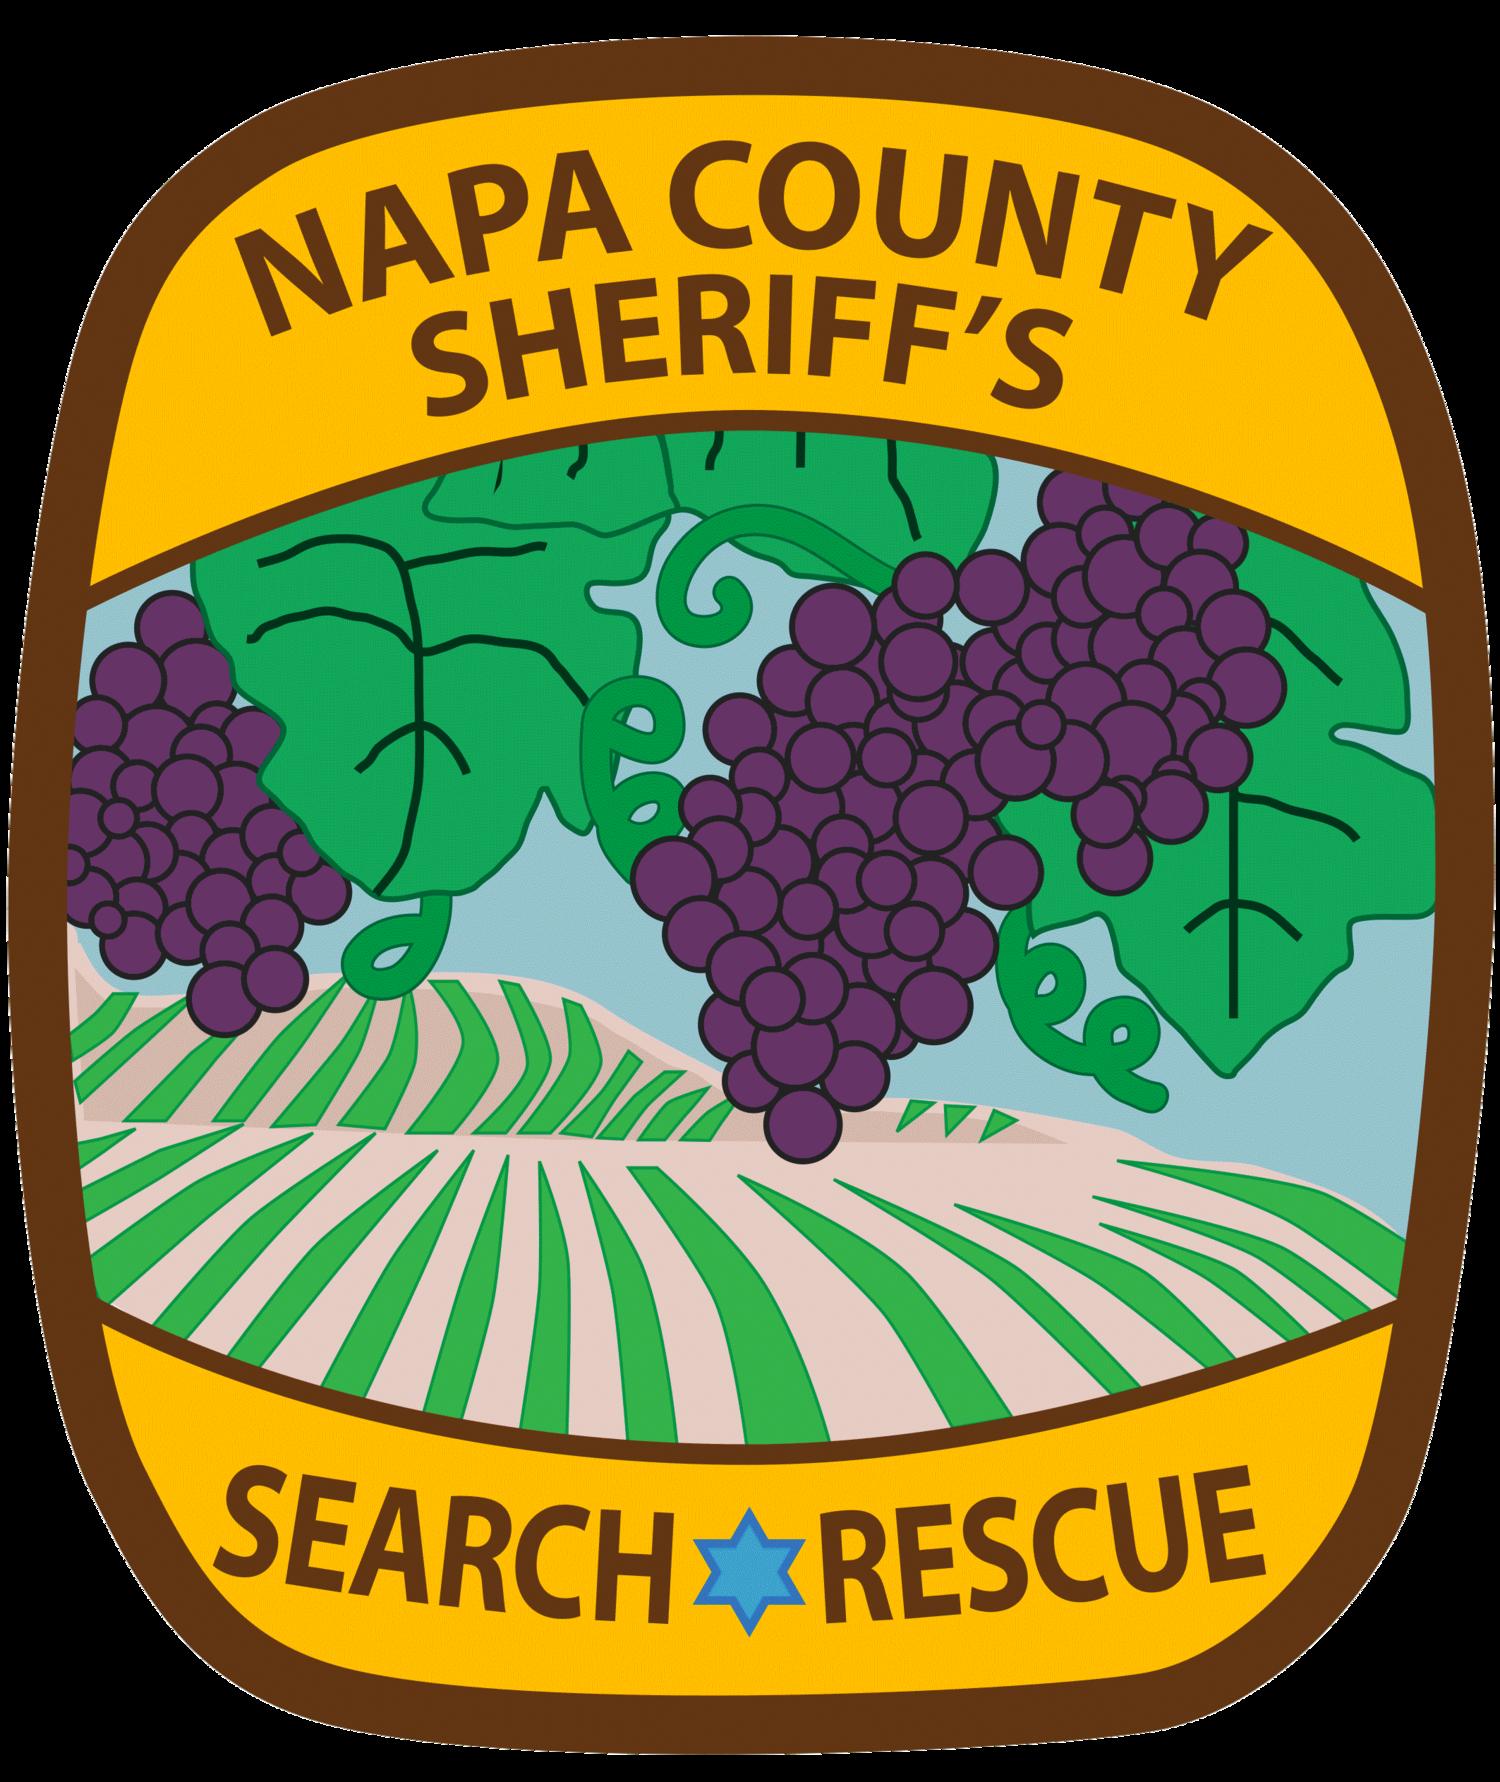 napa county search rescue team